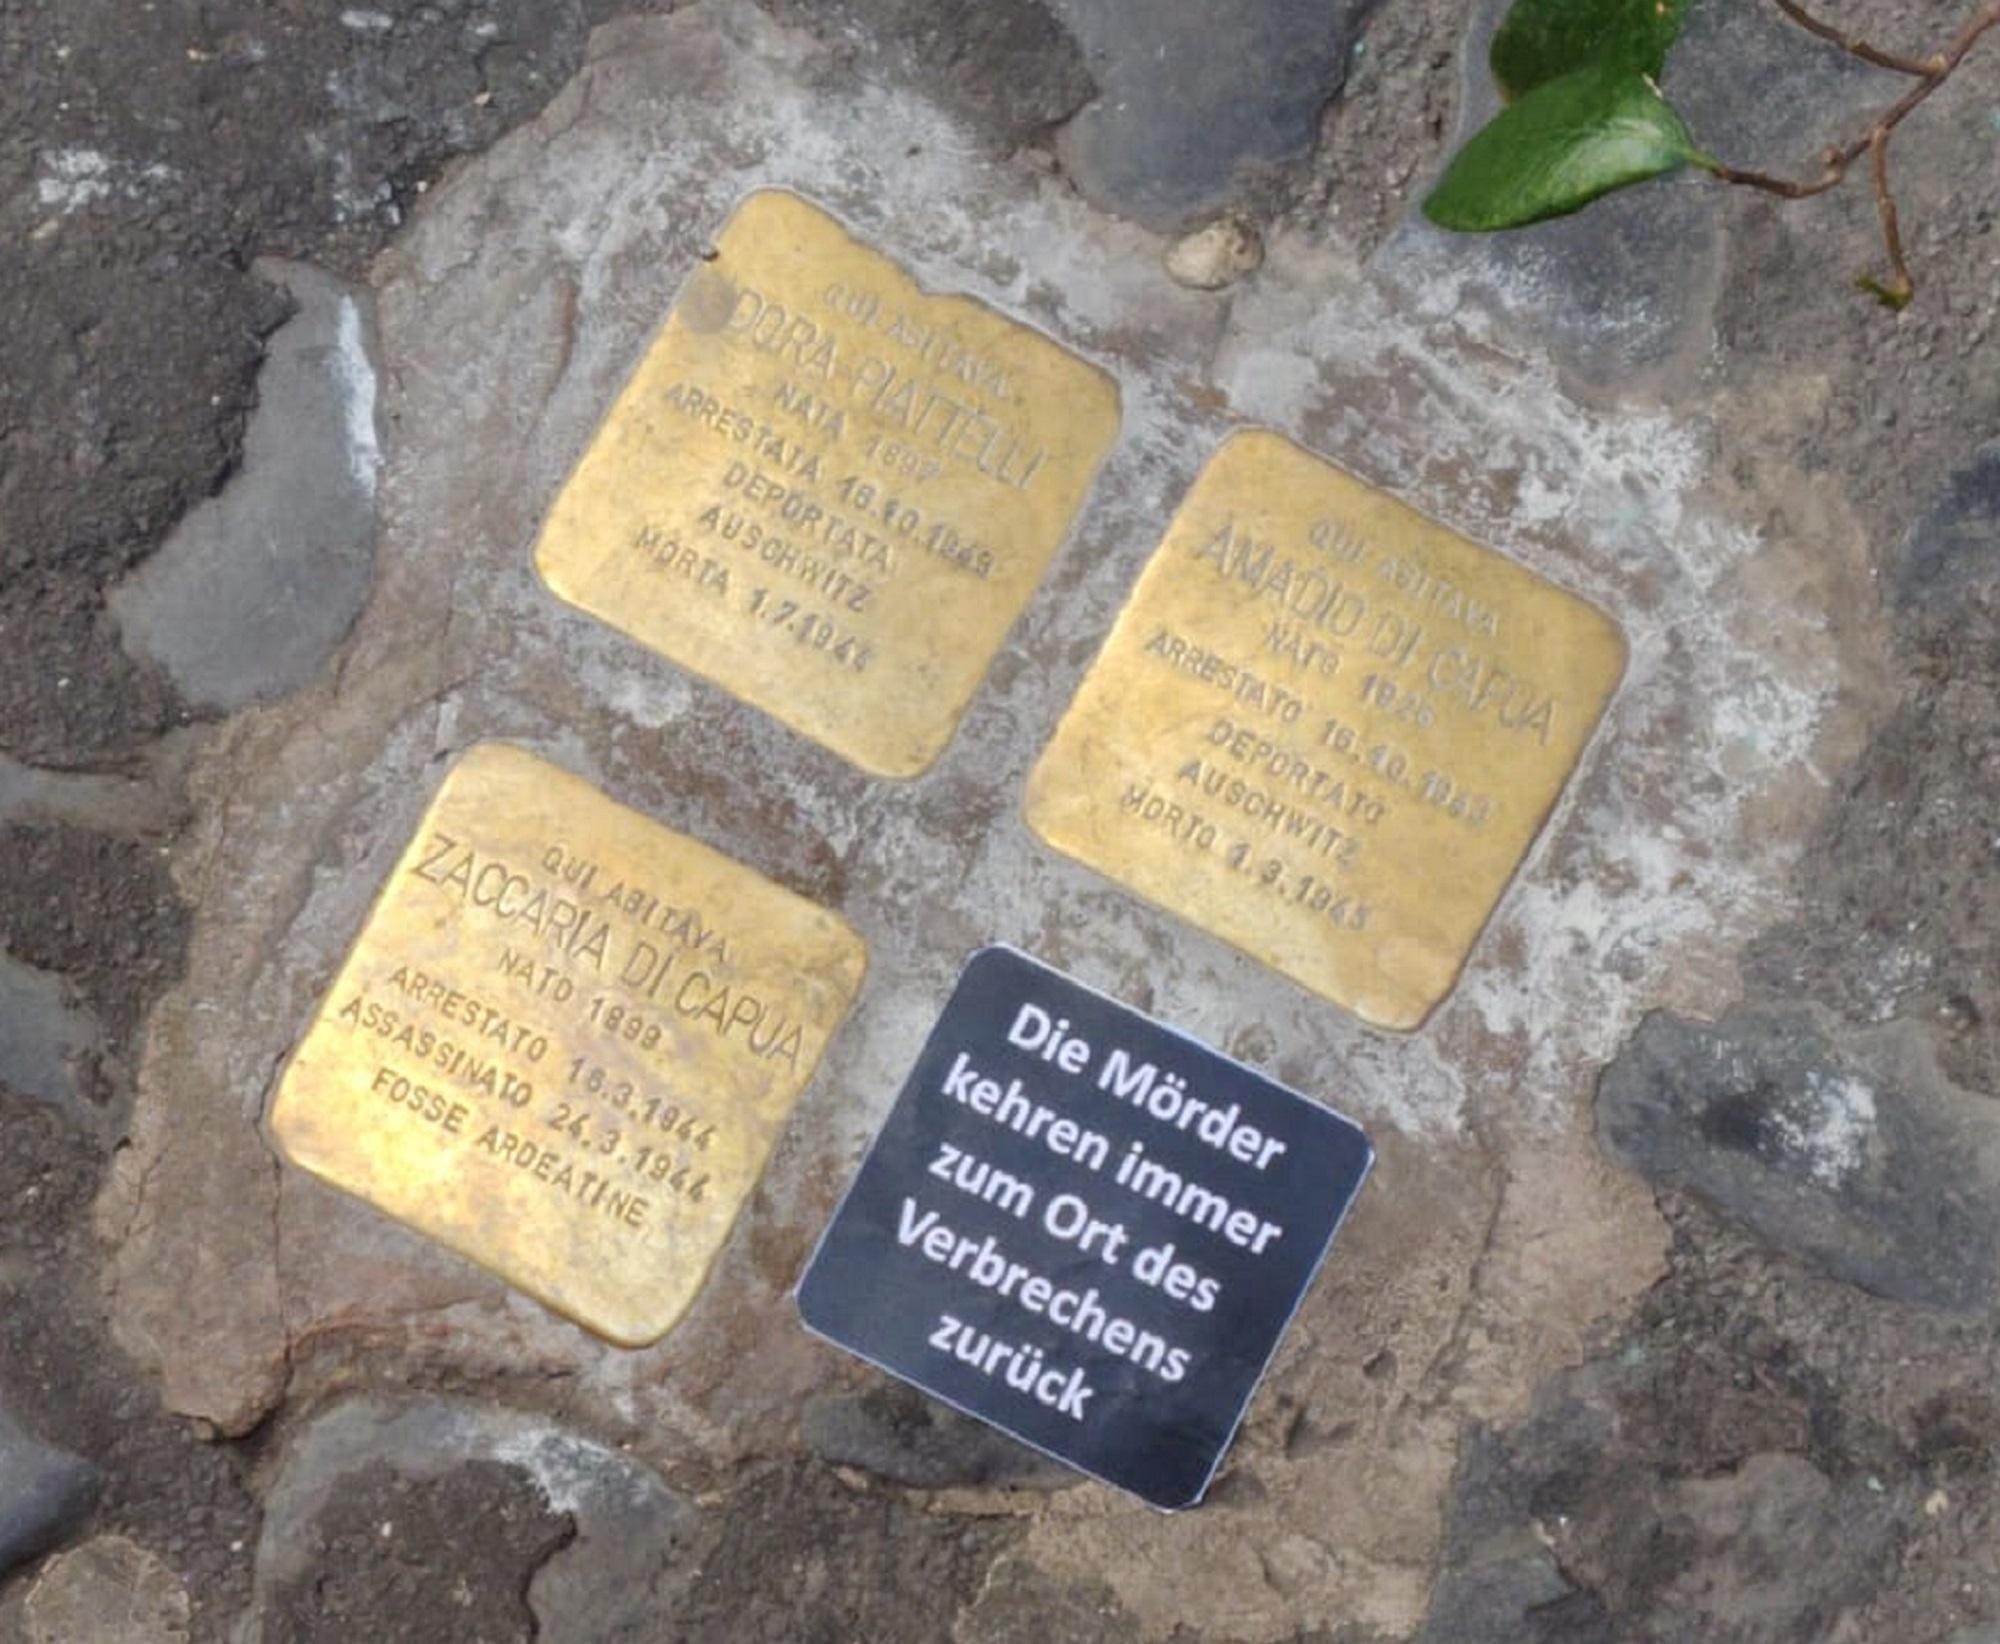 'L'assassino torna sempre sul luogo del delitto'. Grave atto vandalico su una pietra d'inciampo a Roma